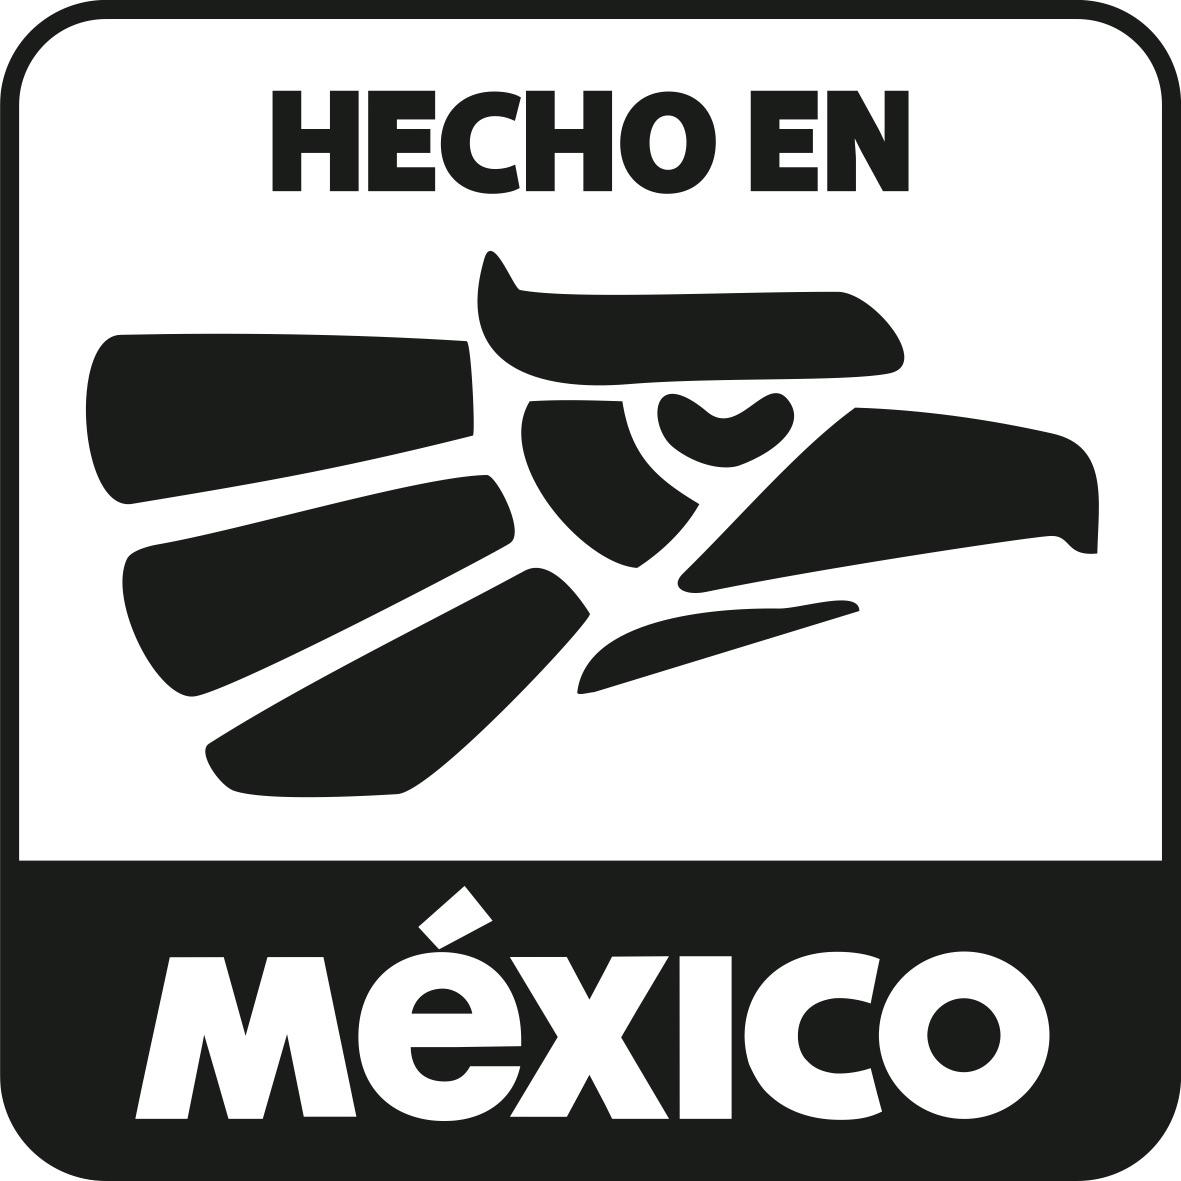 Al contrario de lo que se cree popularmente el logo de Hecho en México no es de uso libre, debe ser autorizado por la Secretaría de Economía.